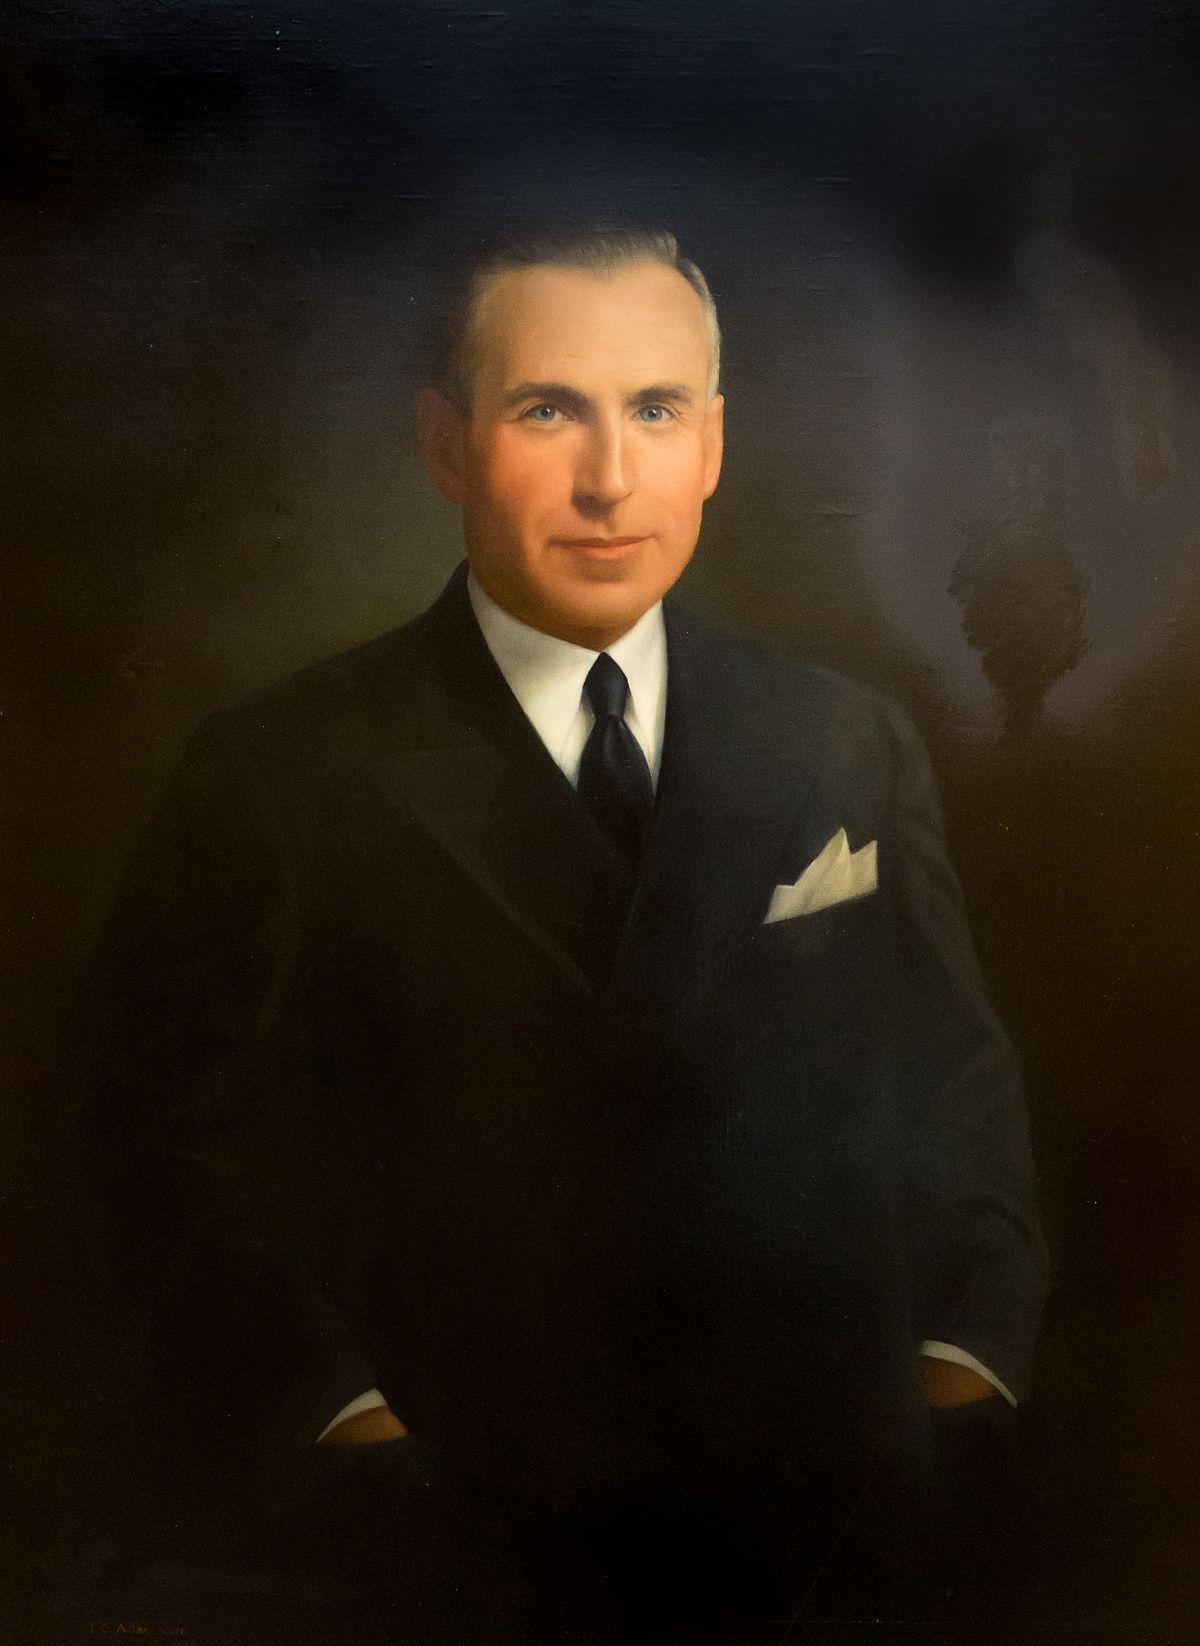 Robert E Quinn